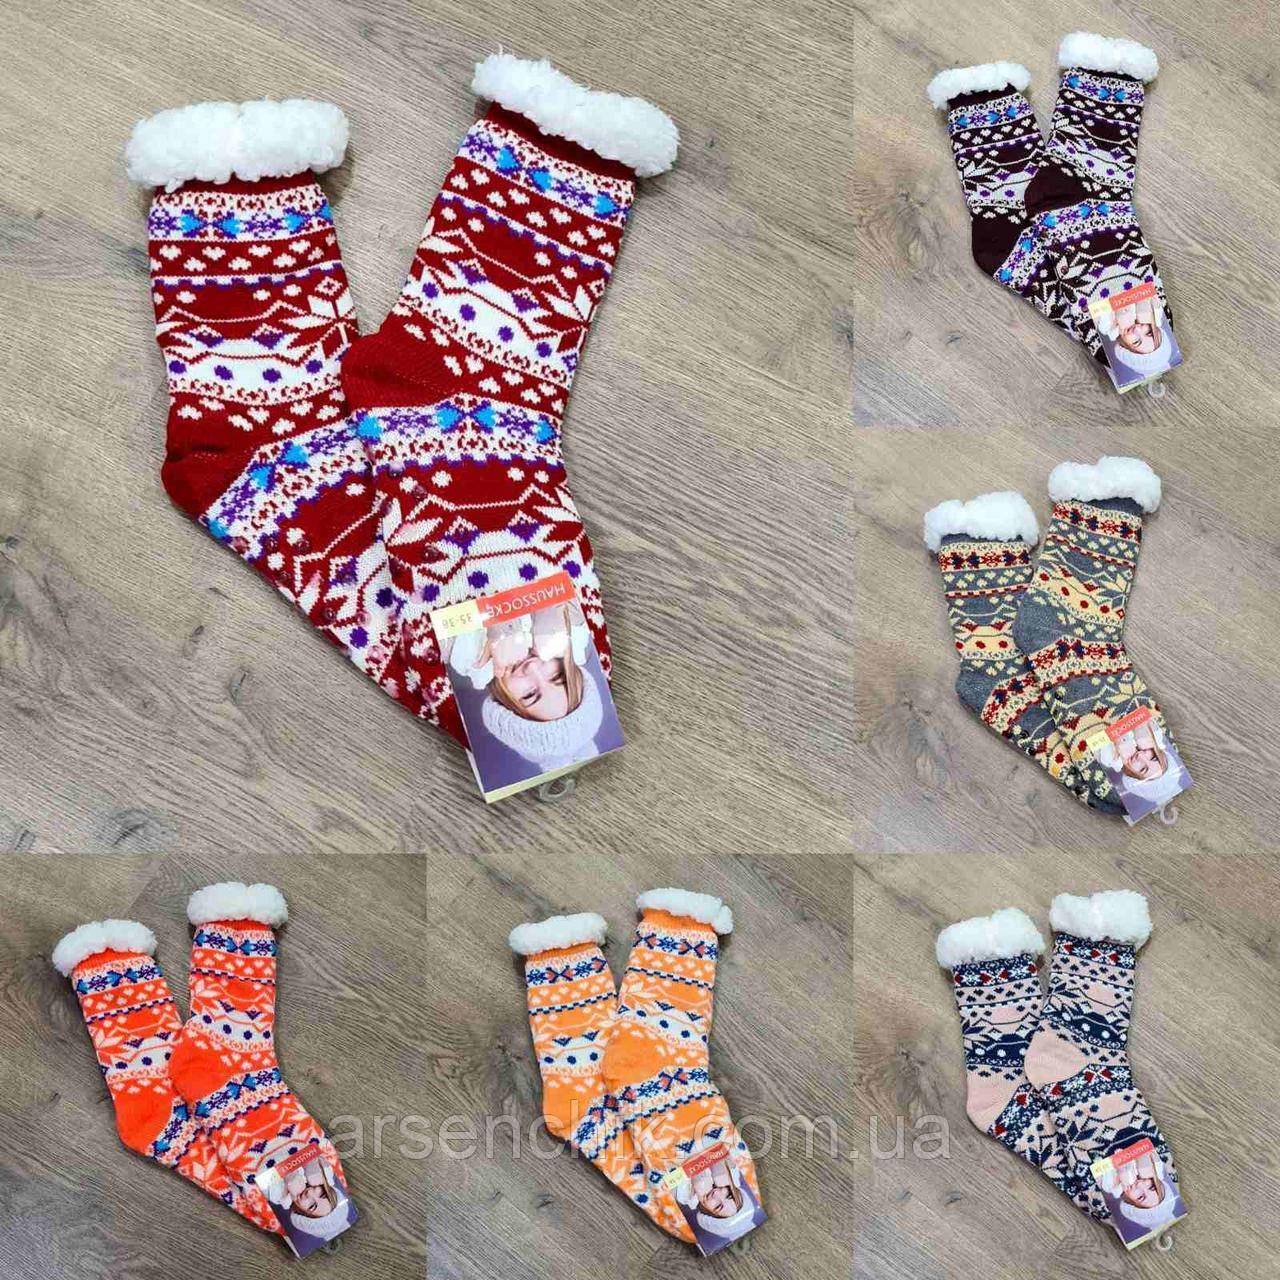 """Шкарпетки шерстяні на хутрі жіночі """"HAUSSOCKE"""" 35-38"""